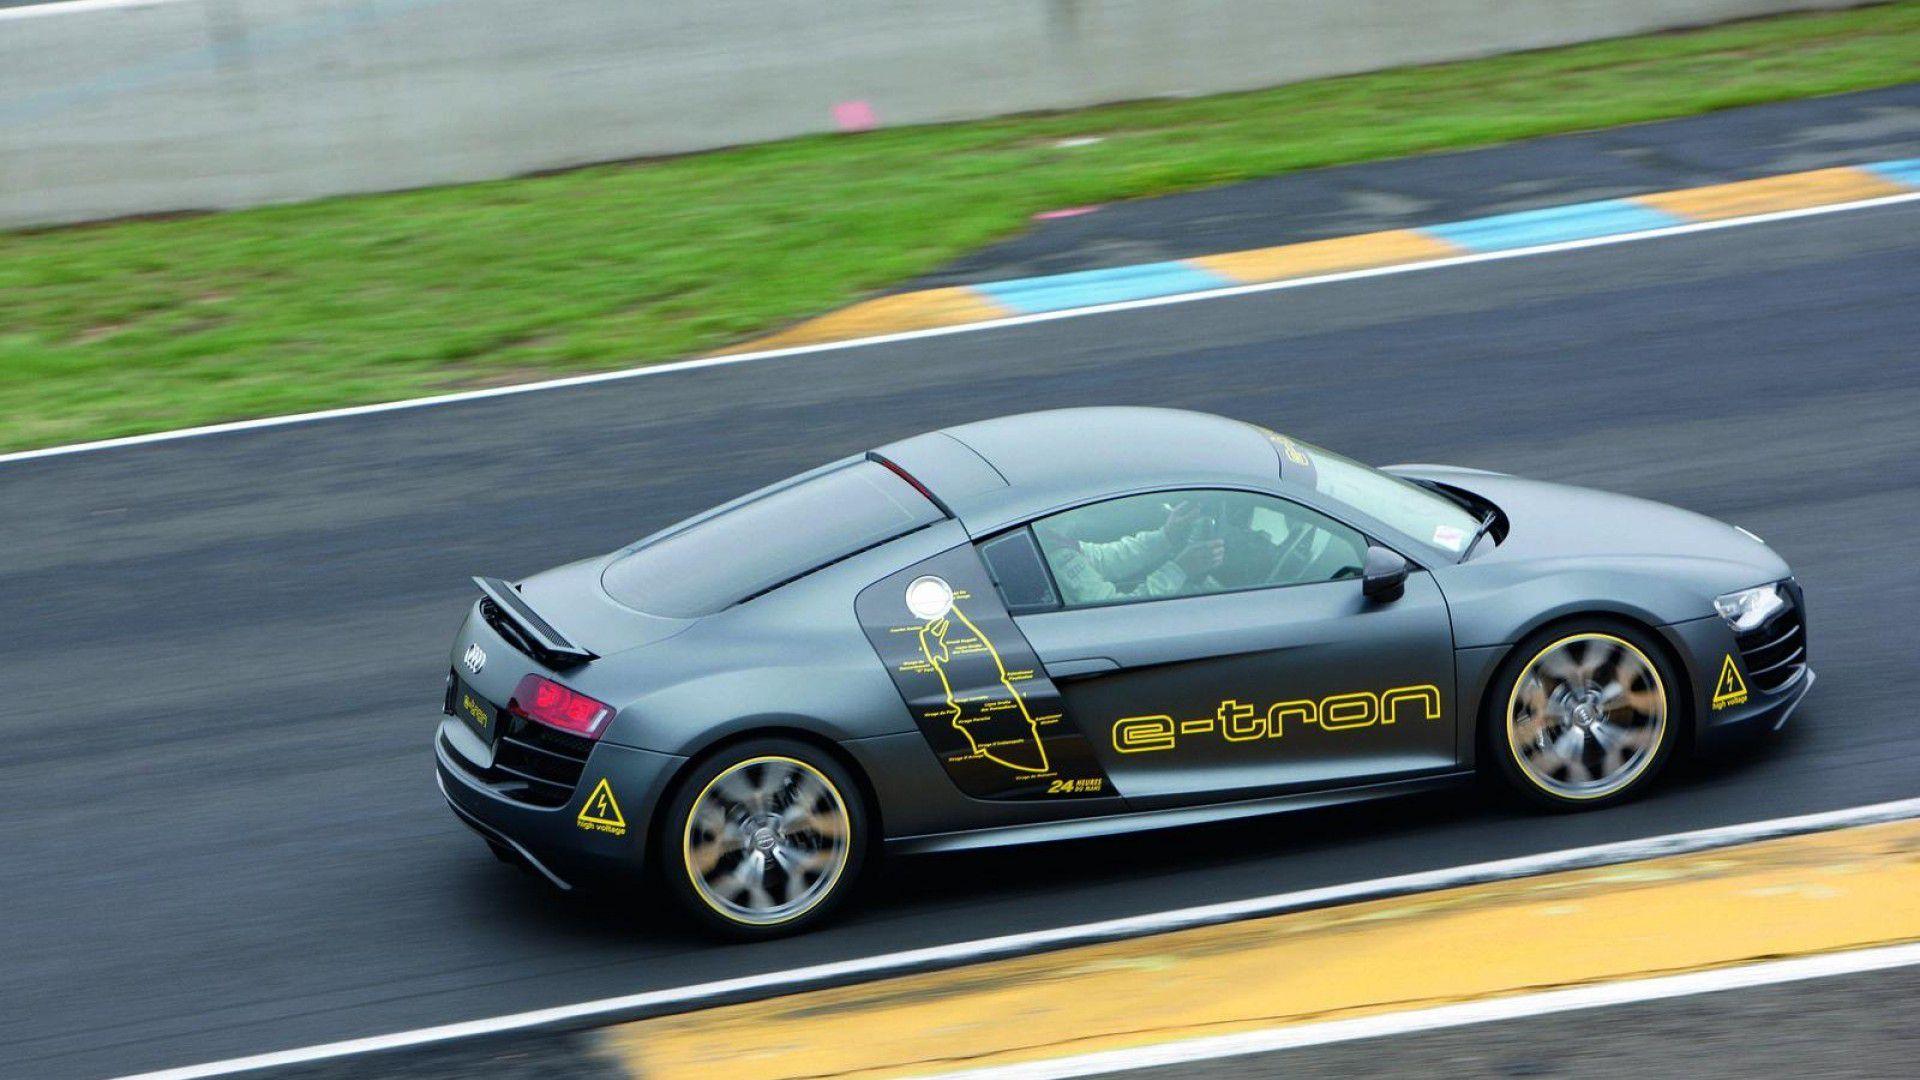 Audi R8R (Le Mans Prototype)